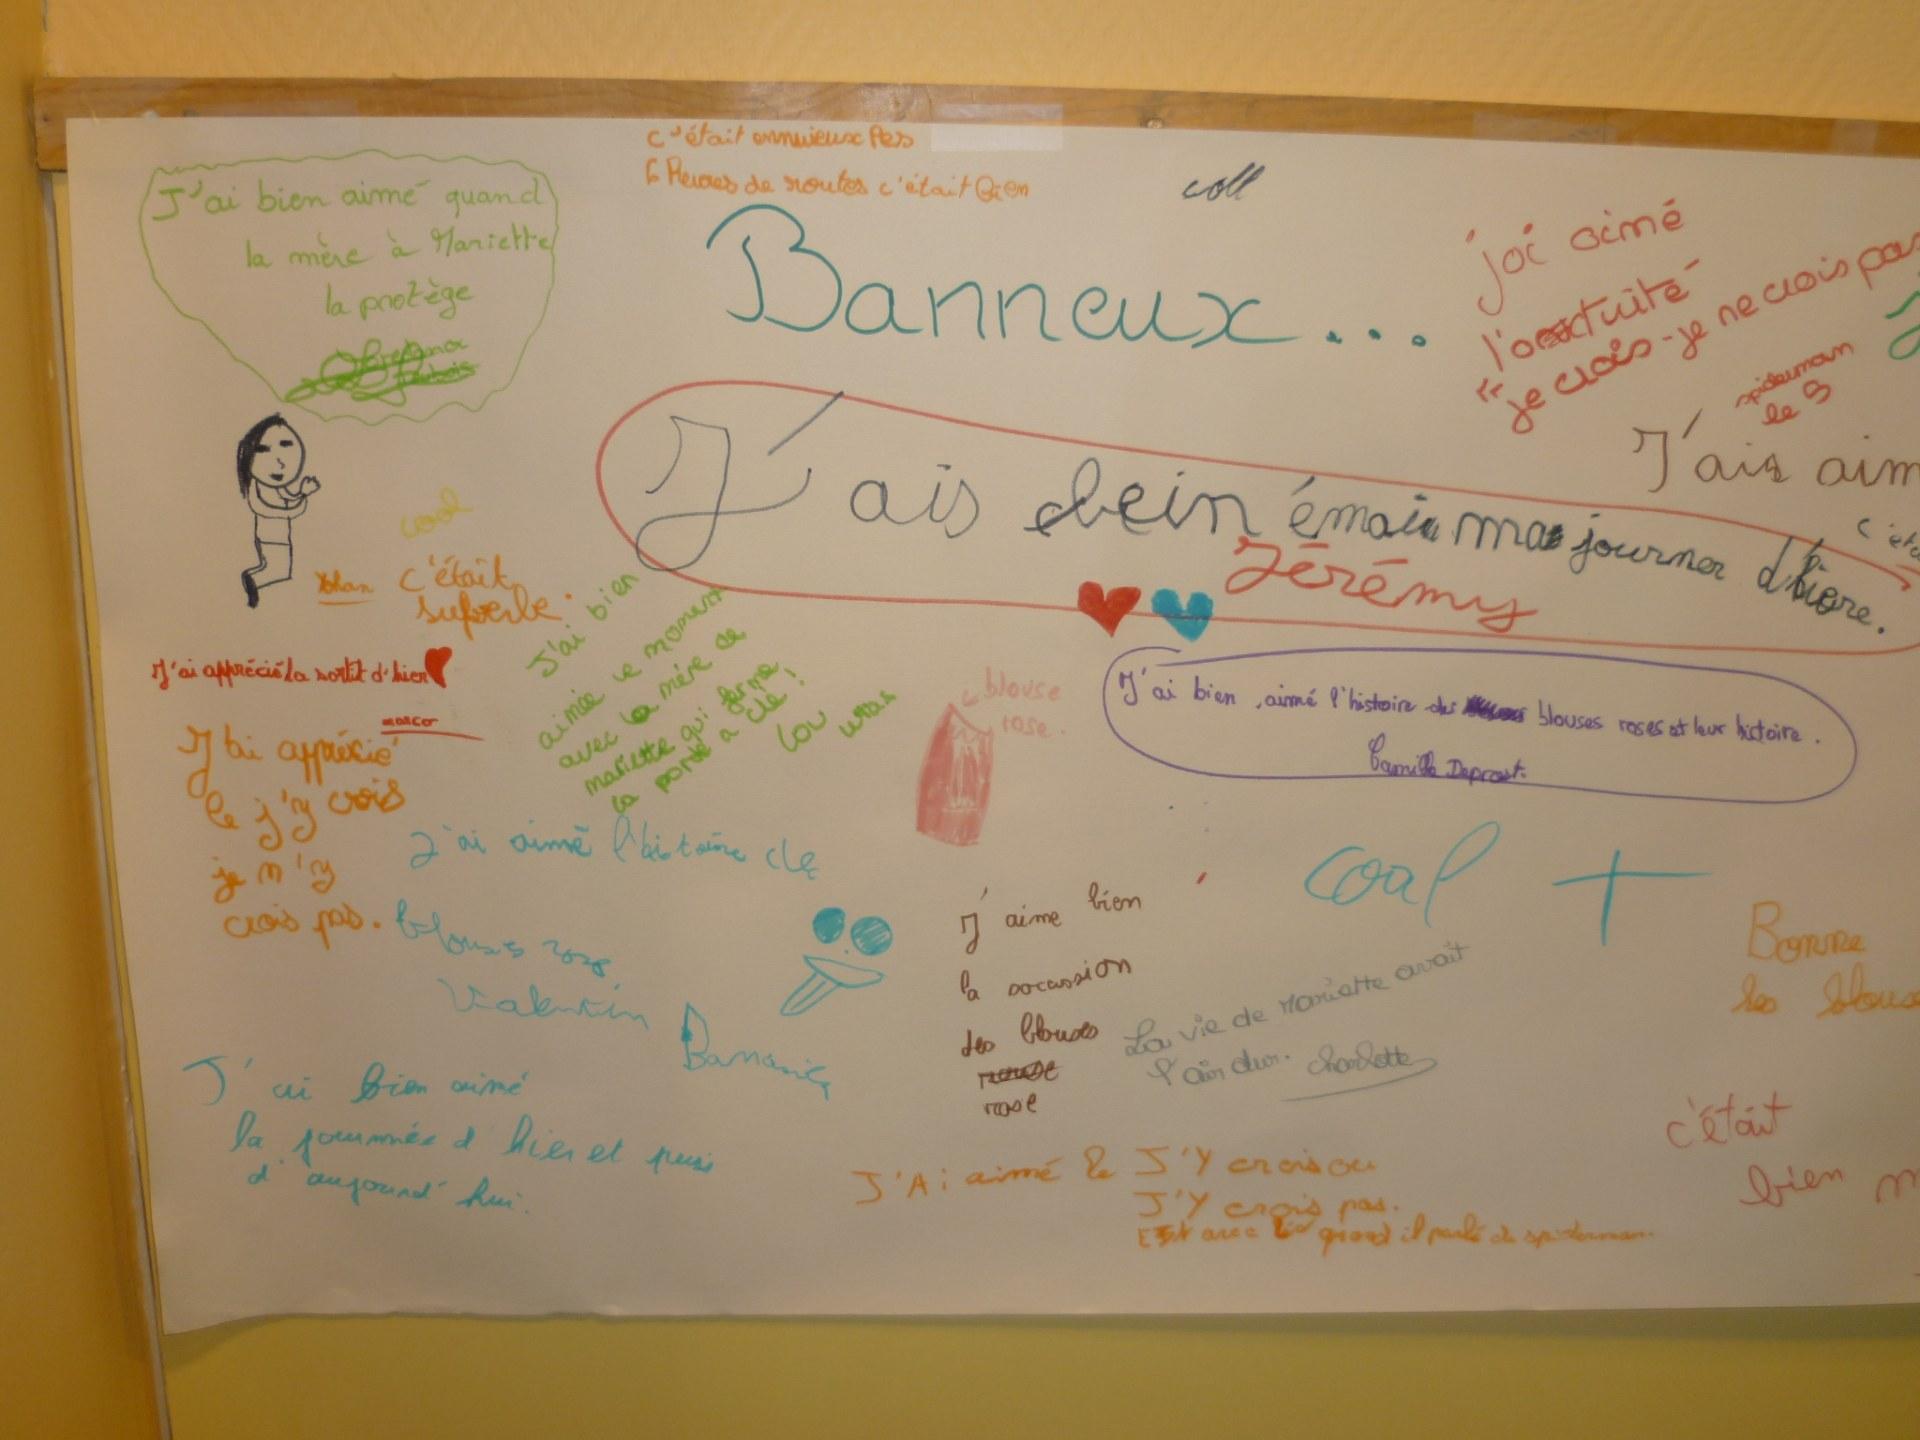 Sur le mur d'expression .... Banneux ..